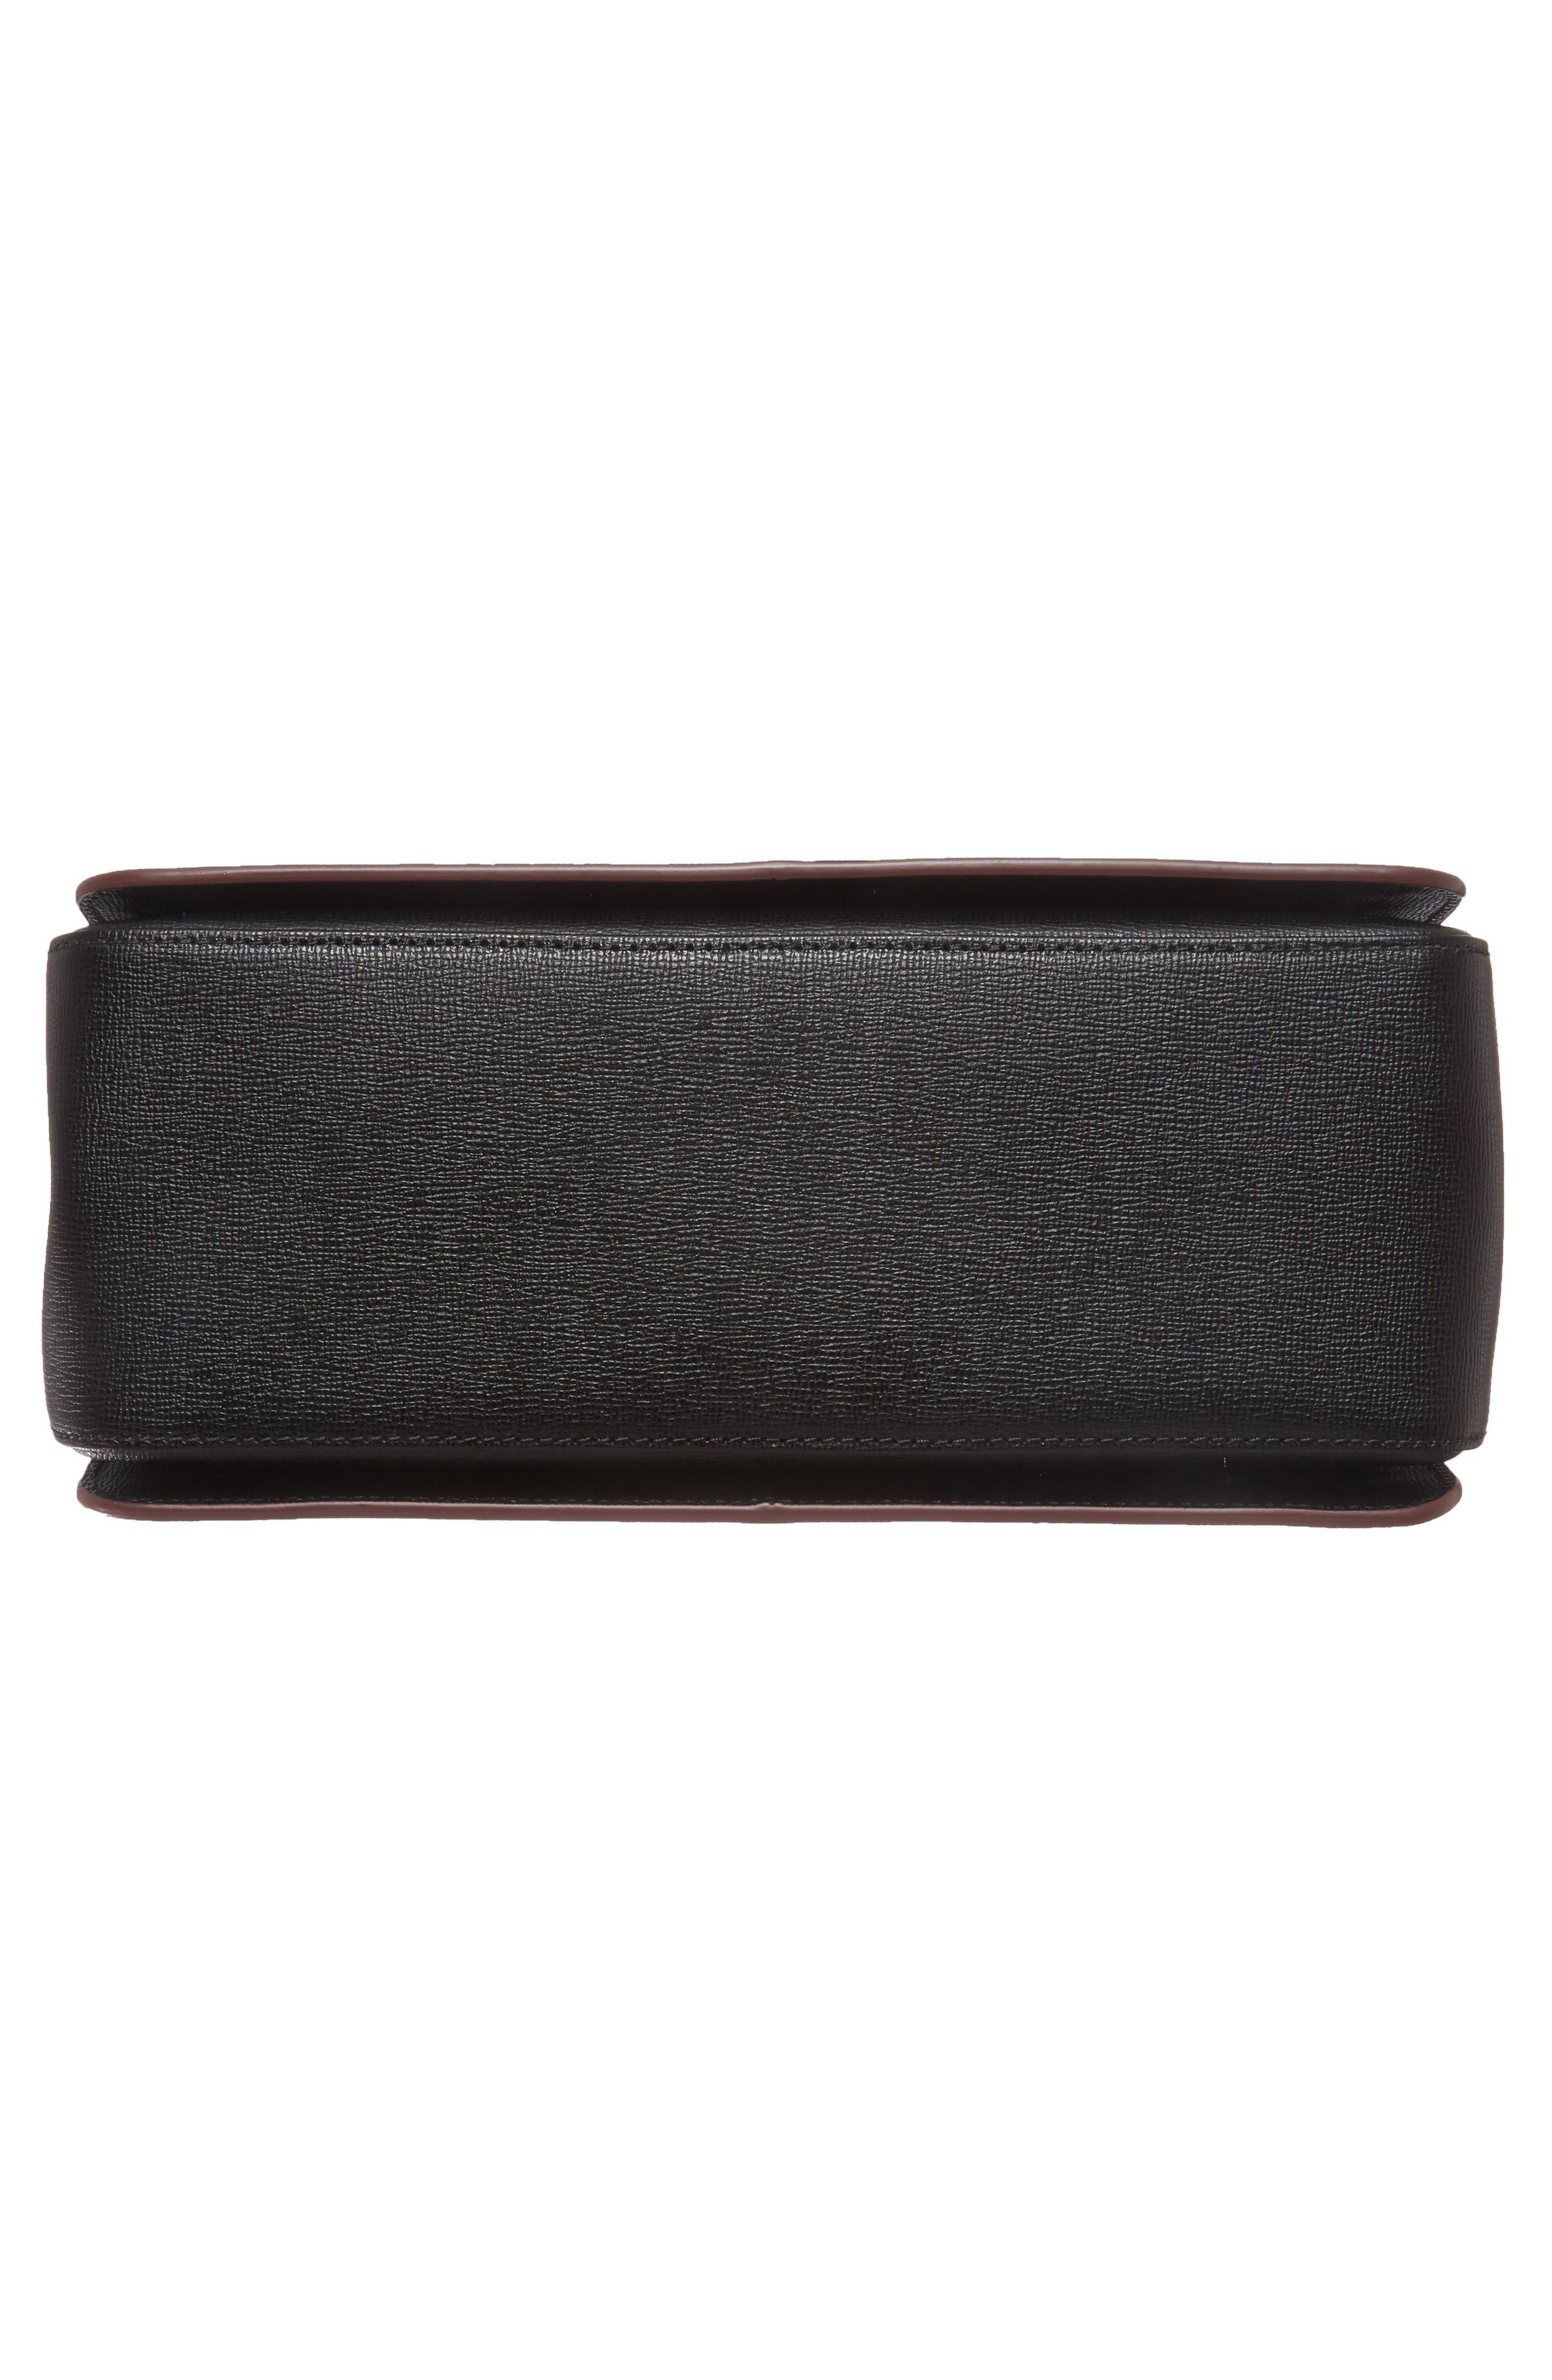 Pliage Heritage Leather Shoulder Bag,                             Alternate thumbnail 7, color,                             BLACK